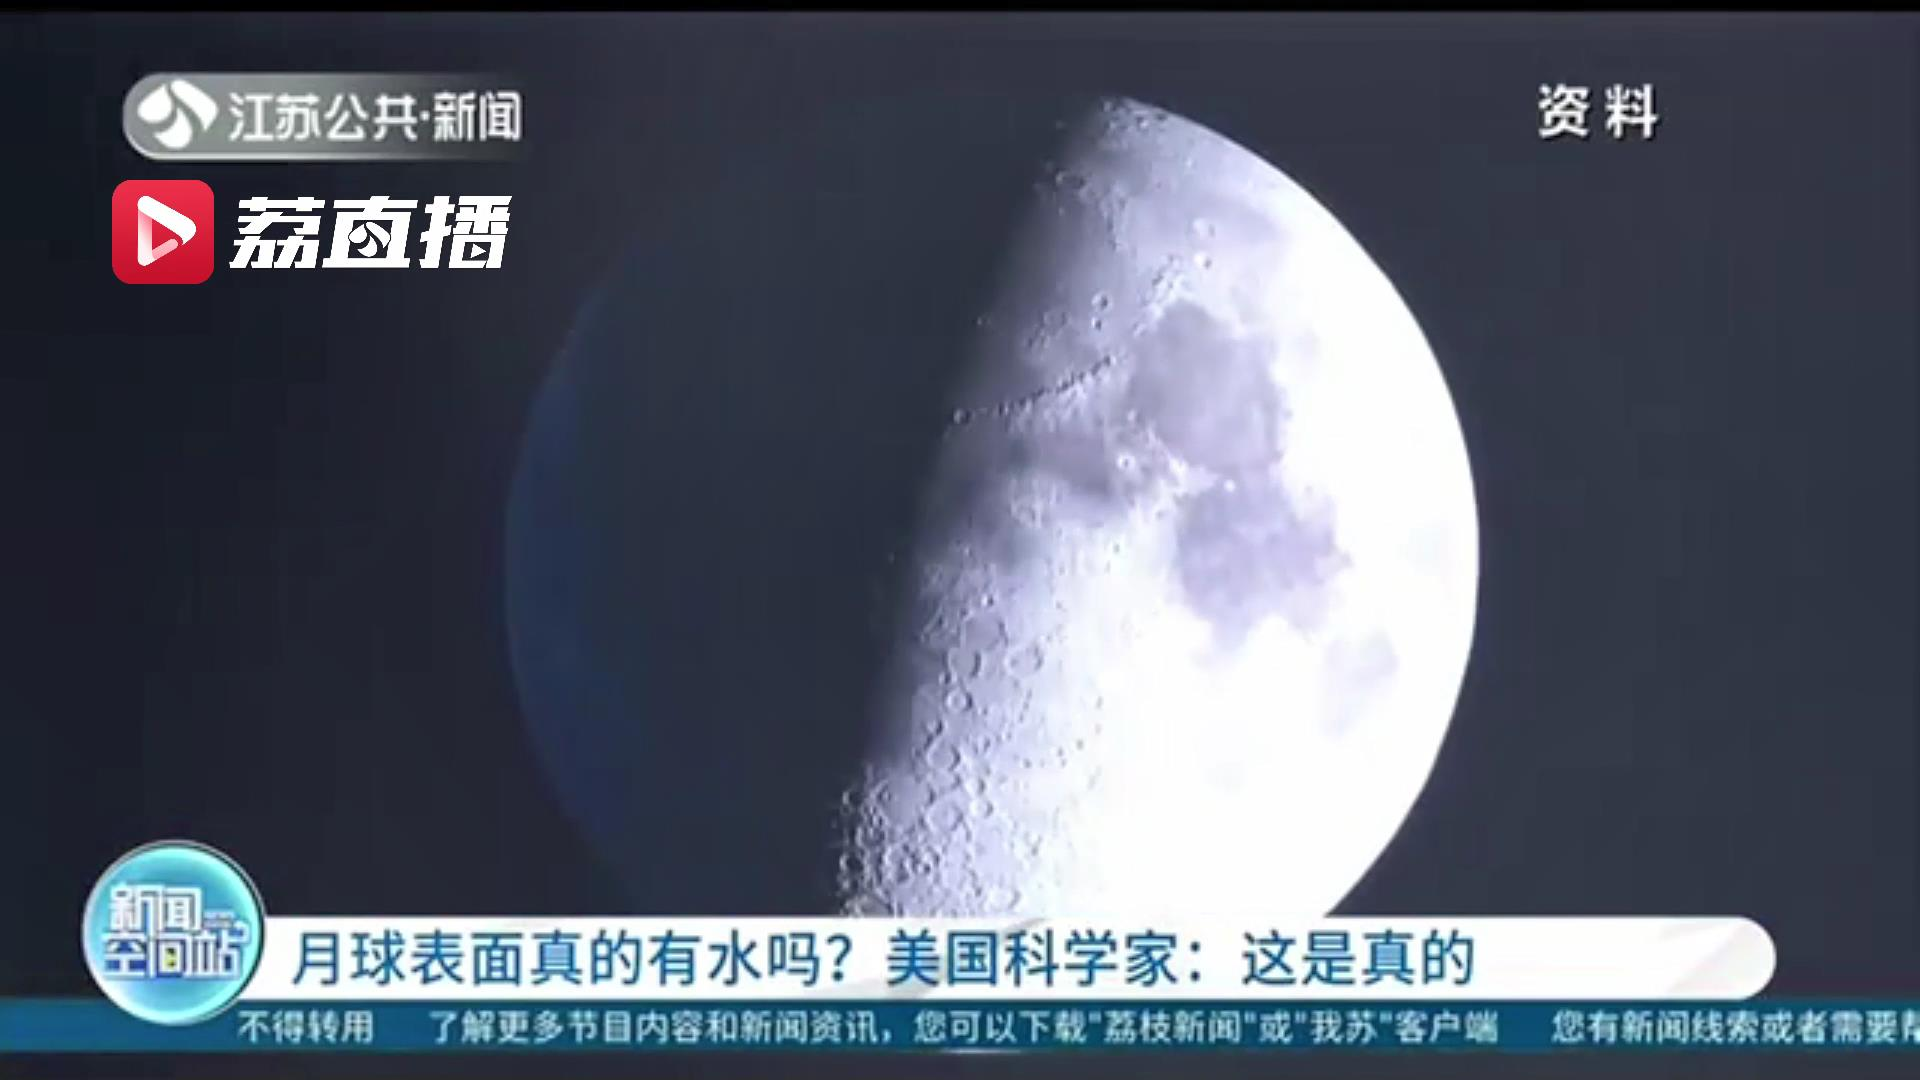 月球表面真的有水吗?美科学家证实是真的 来听中科院紫金山天文台专家解读